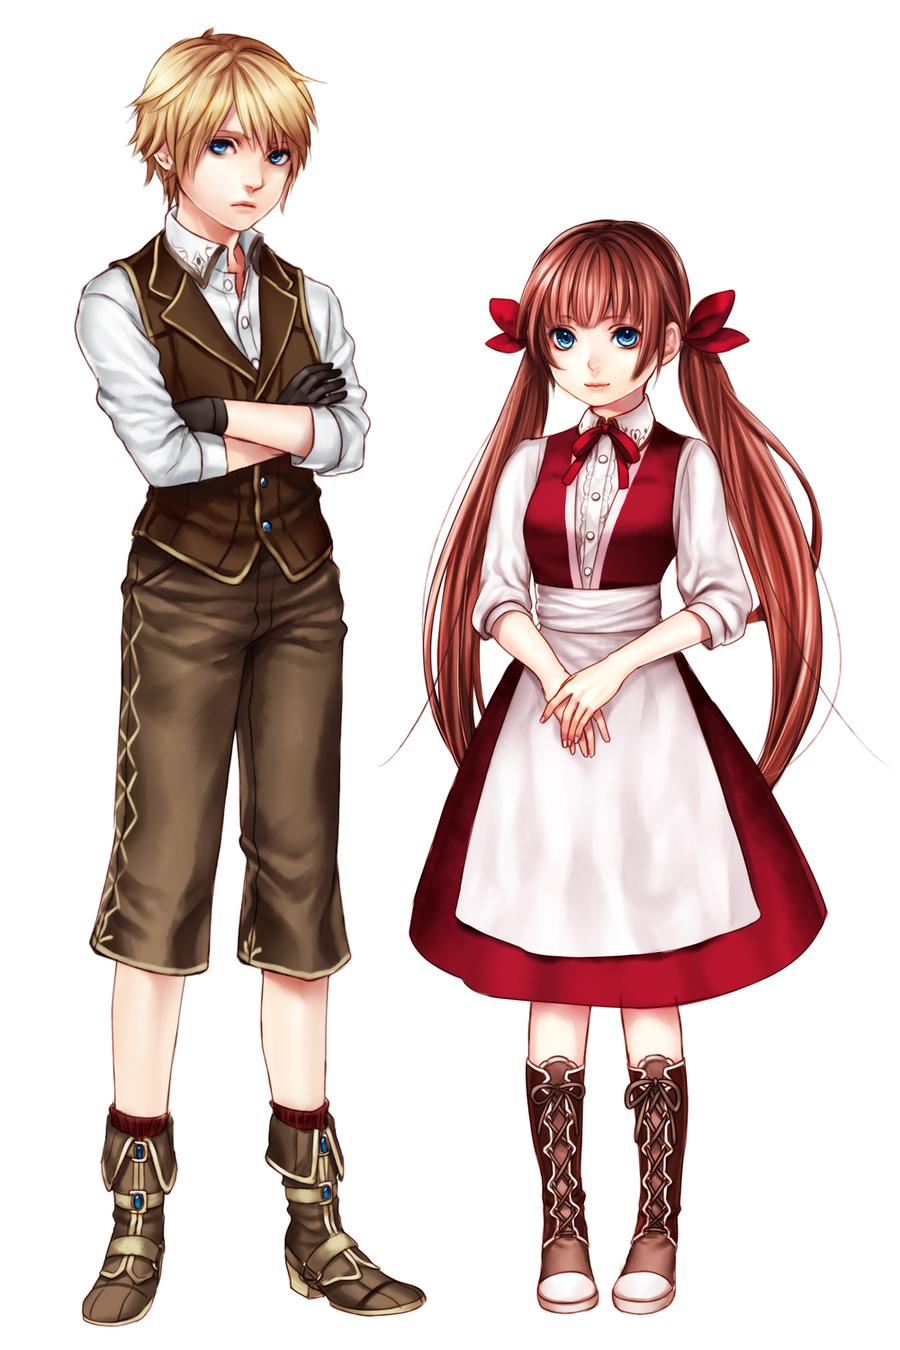 Hansel and Gretel by gurusha